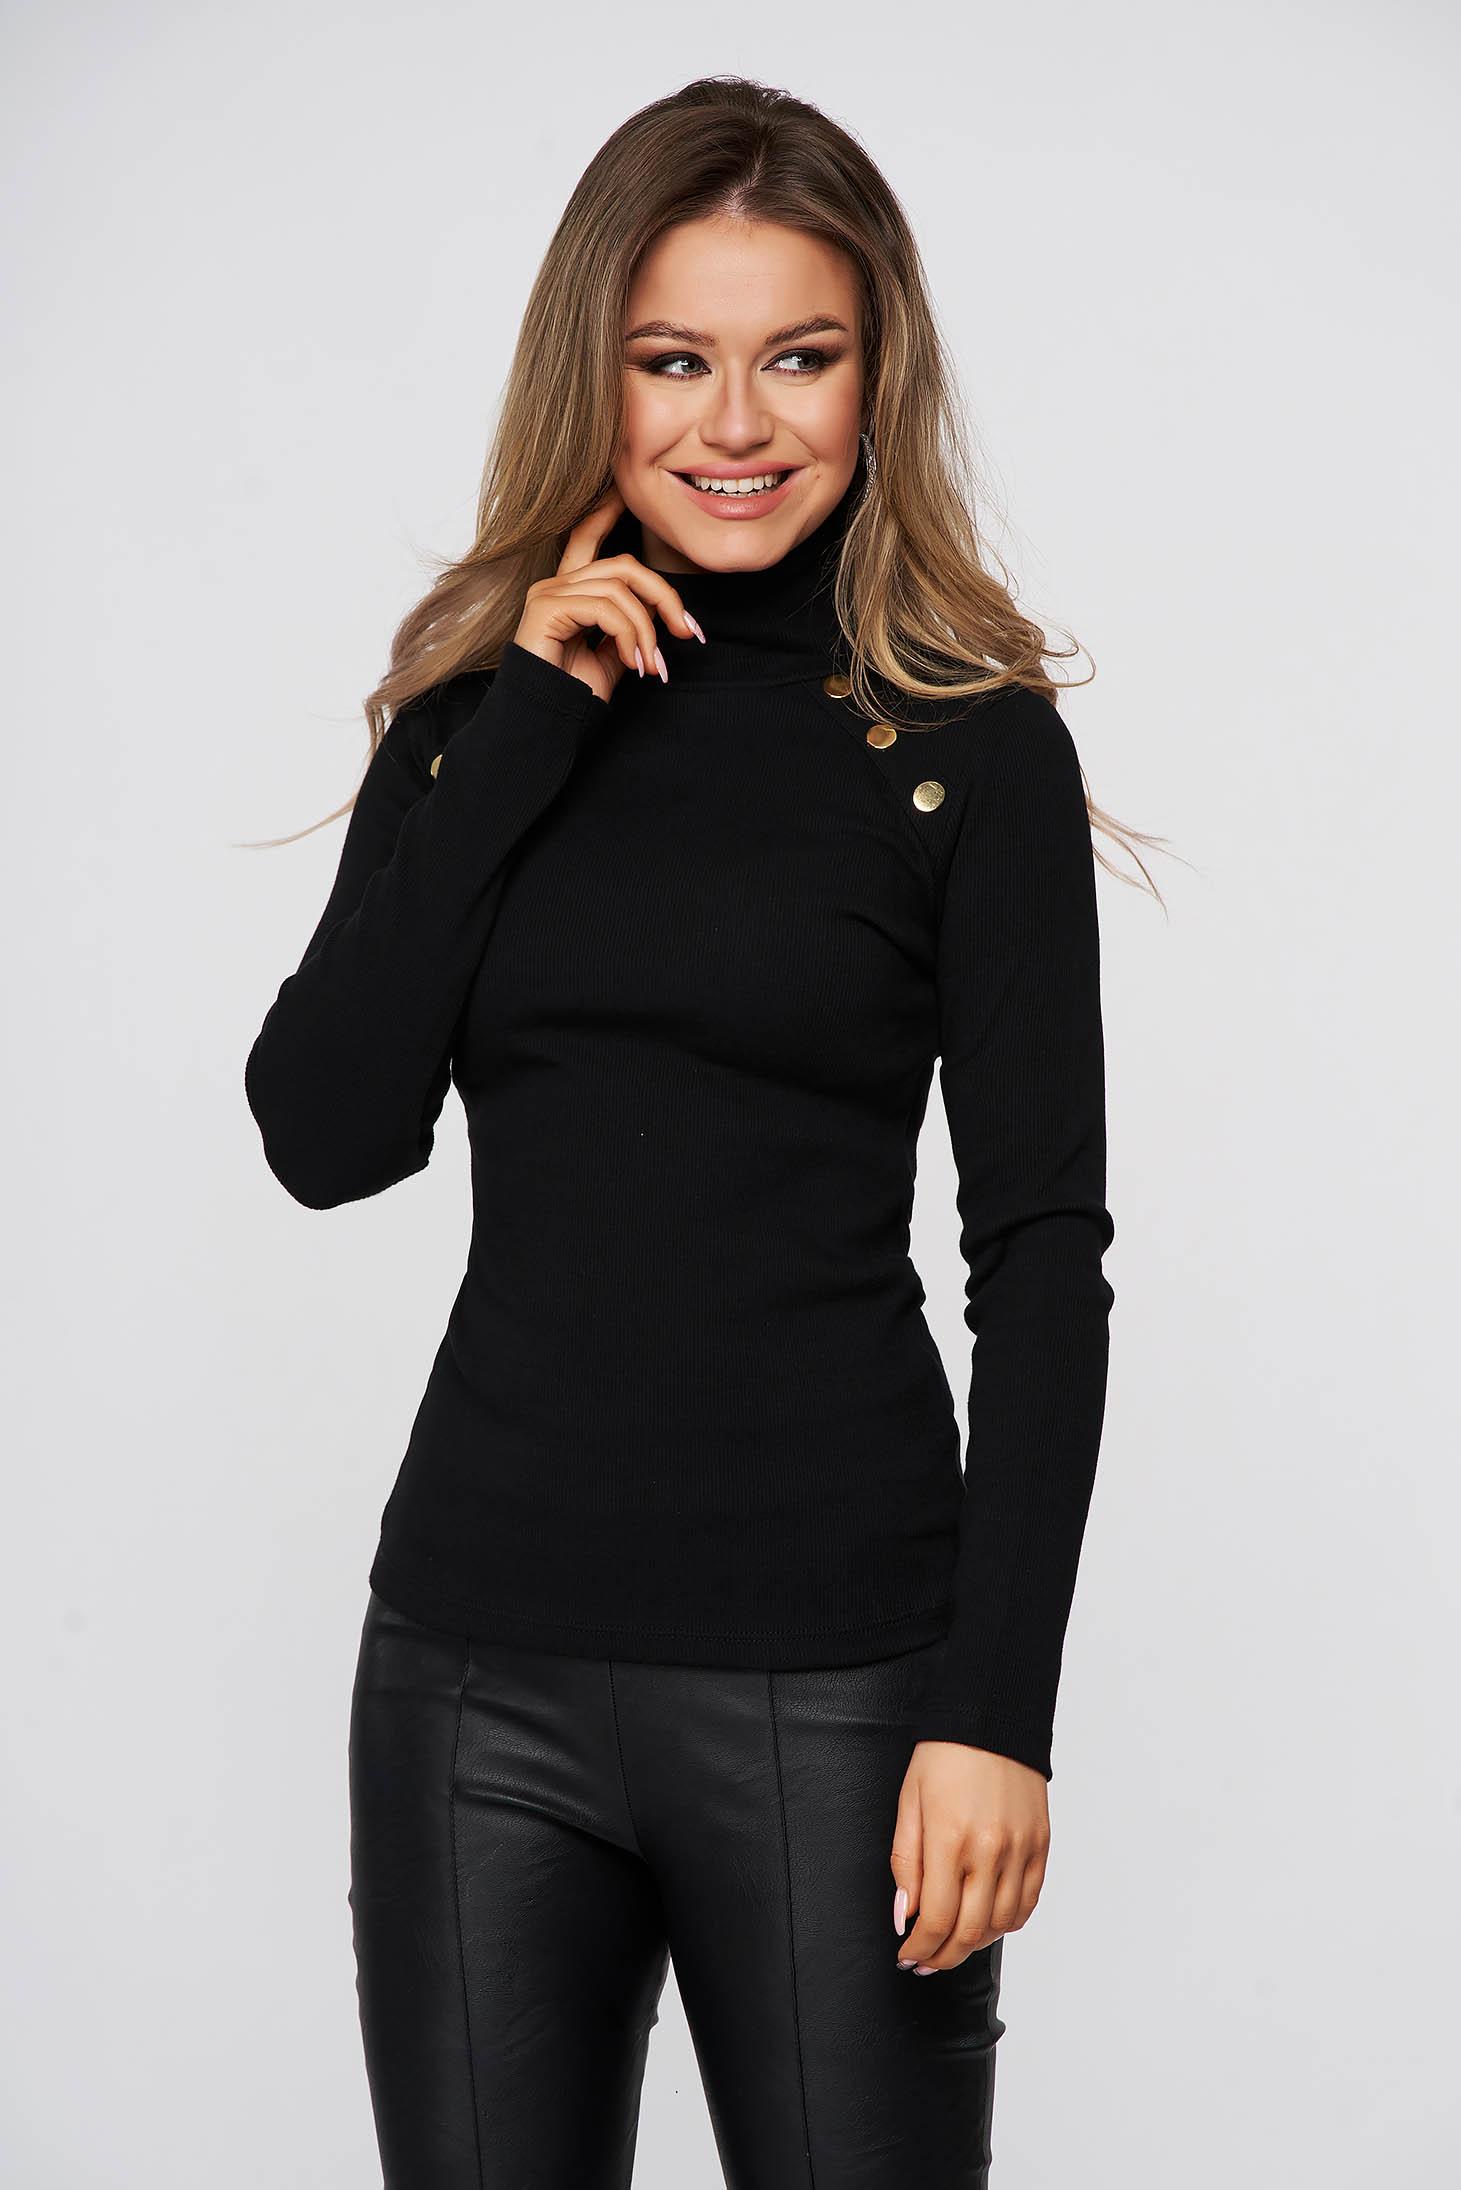 Bluza dama SunShine neagra mulata din bumbac reiat pe gat